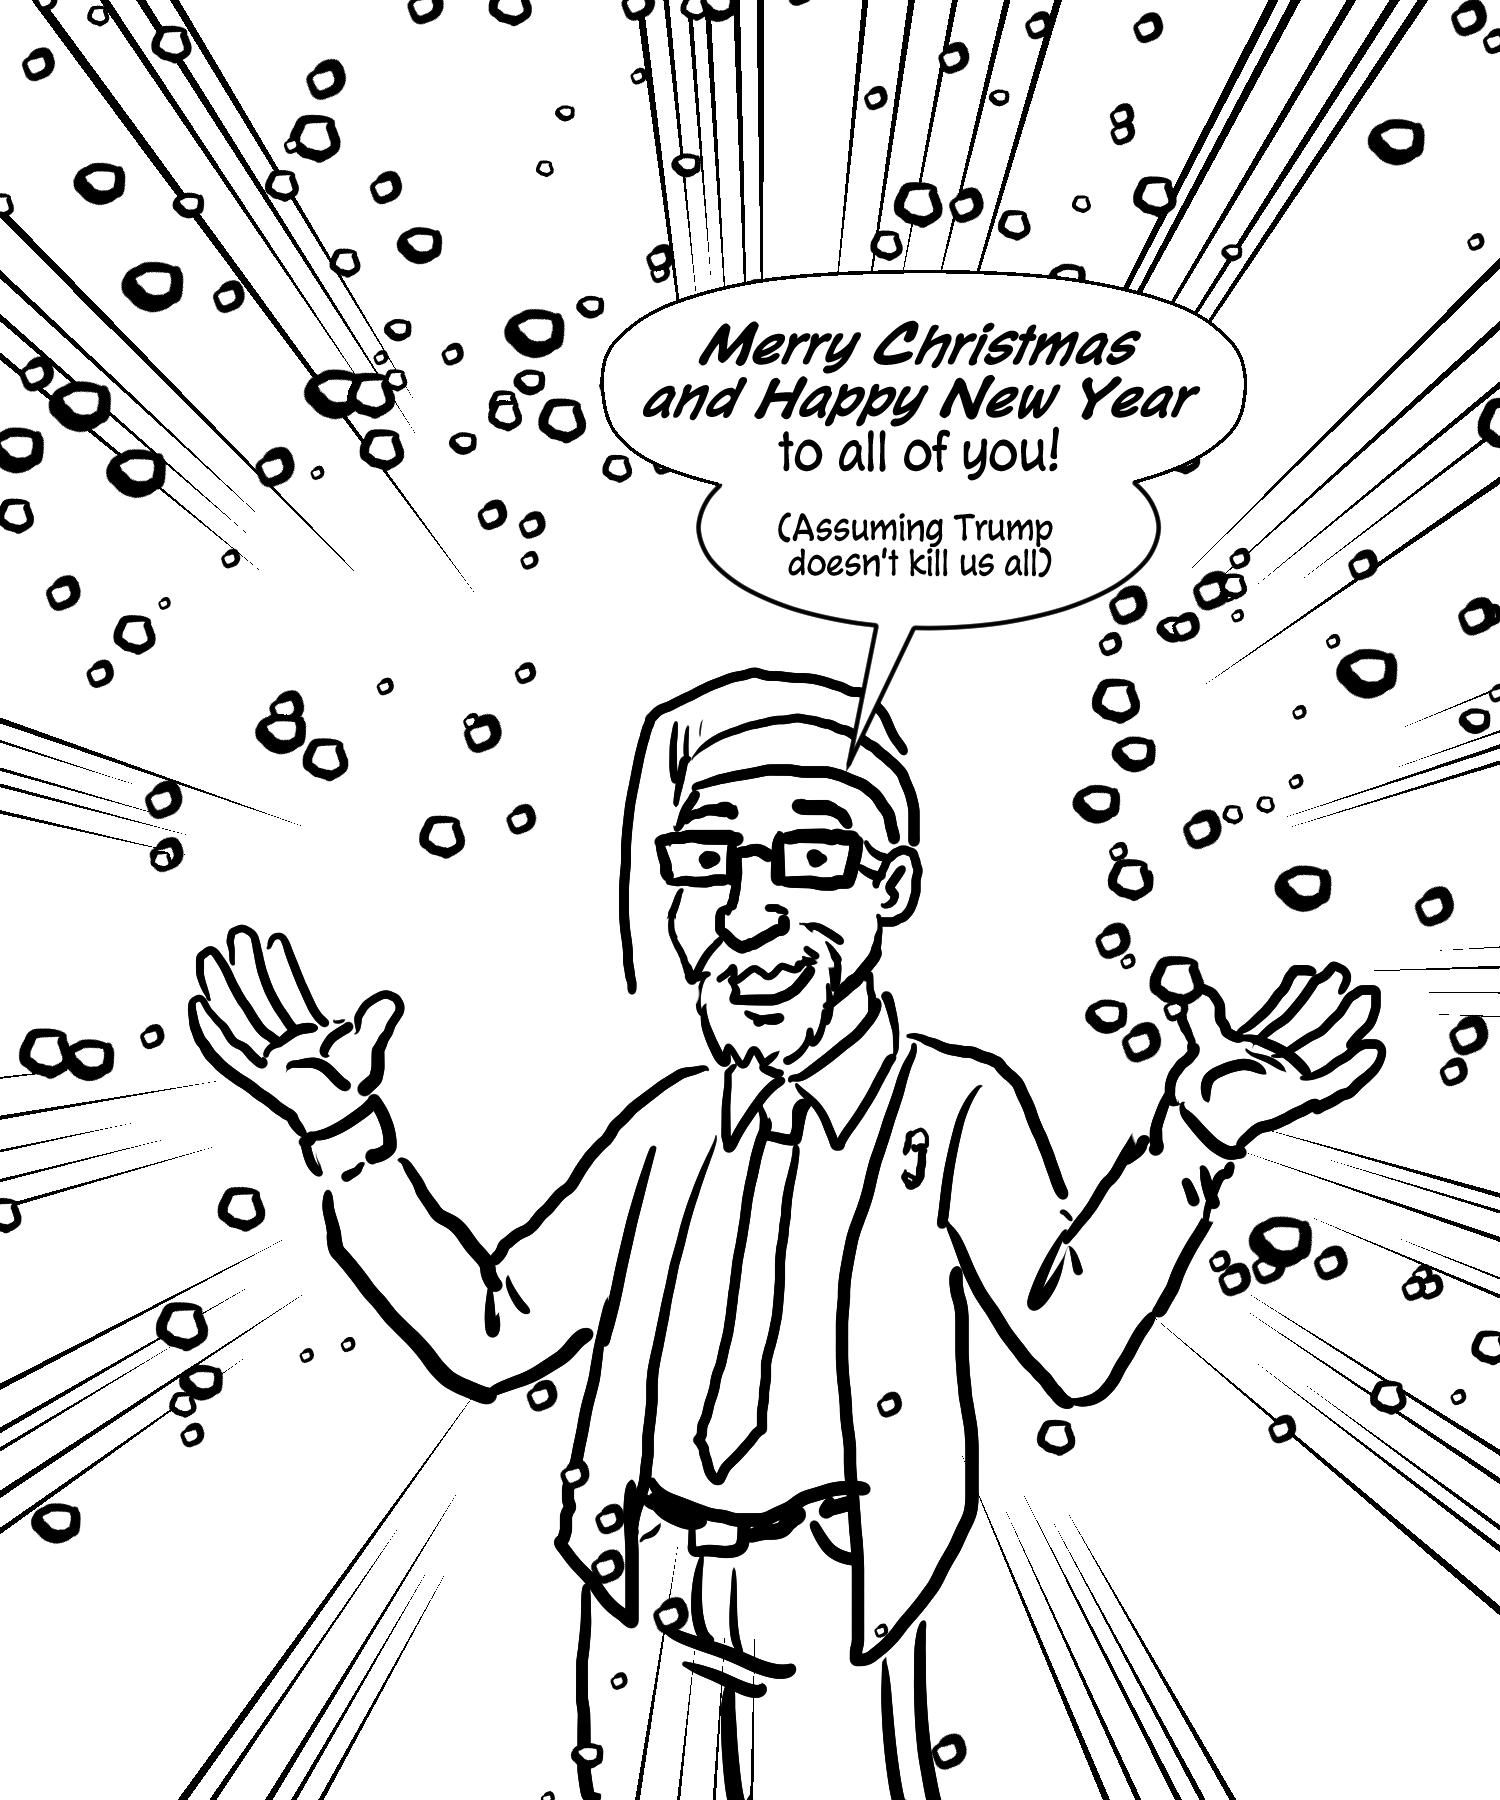 Christmas Comic 2016 10